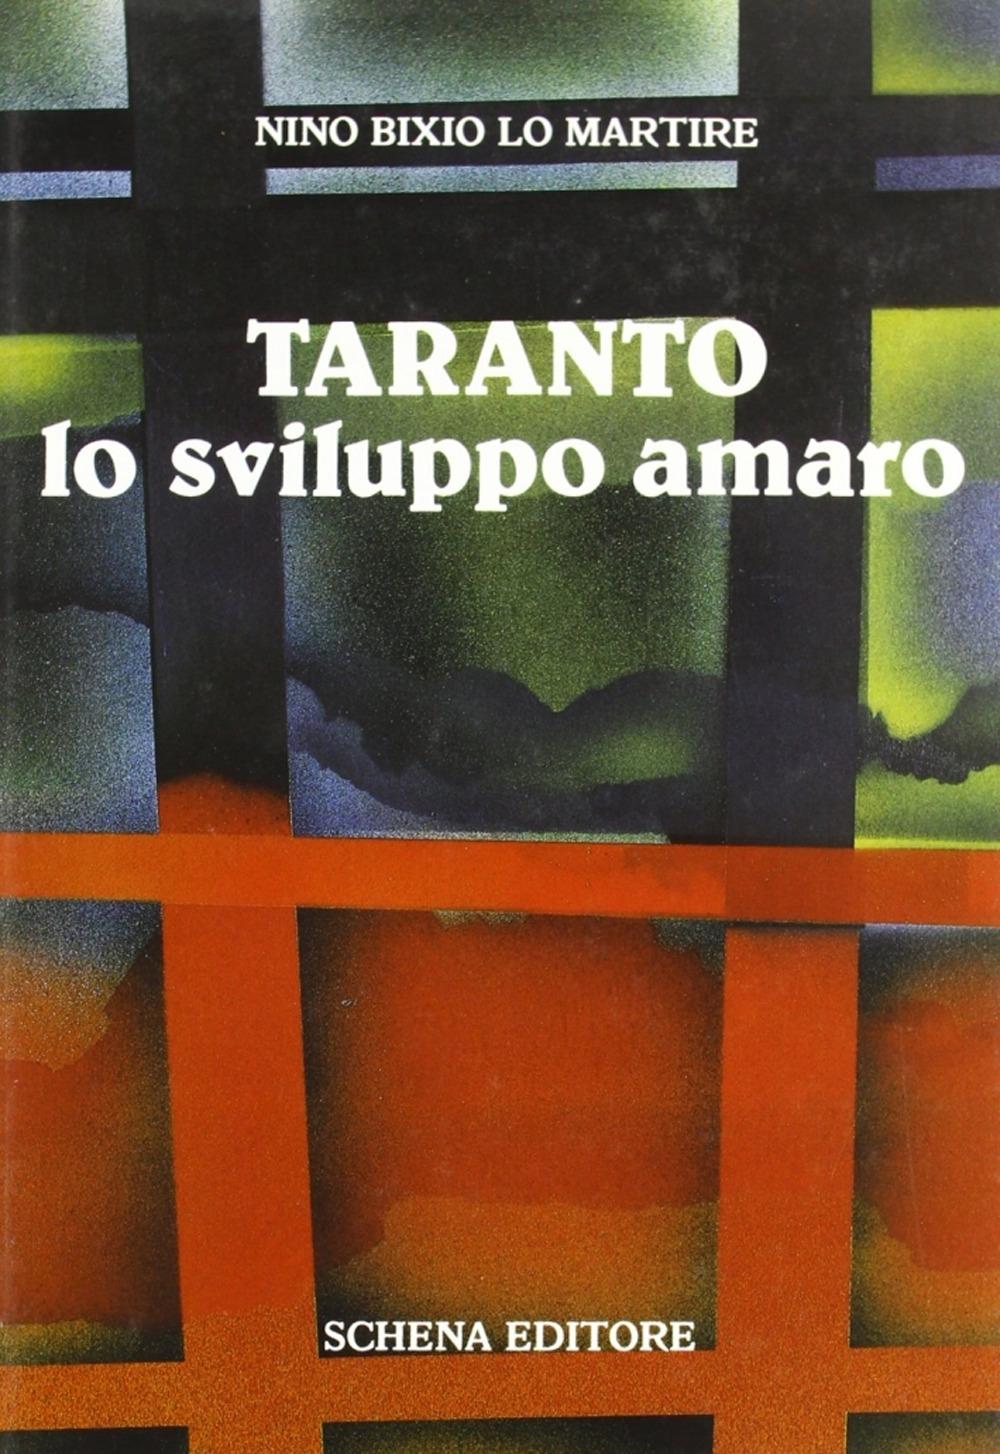 Taranto, lo sviluppo amaro